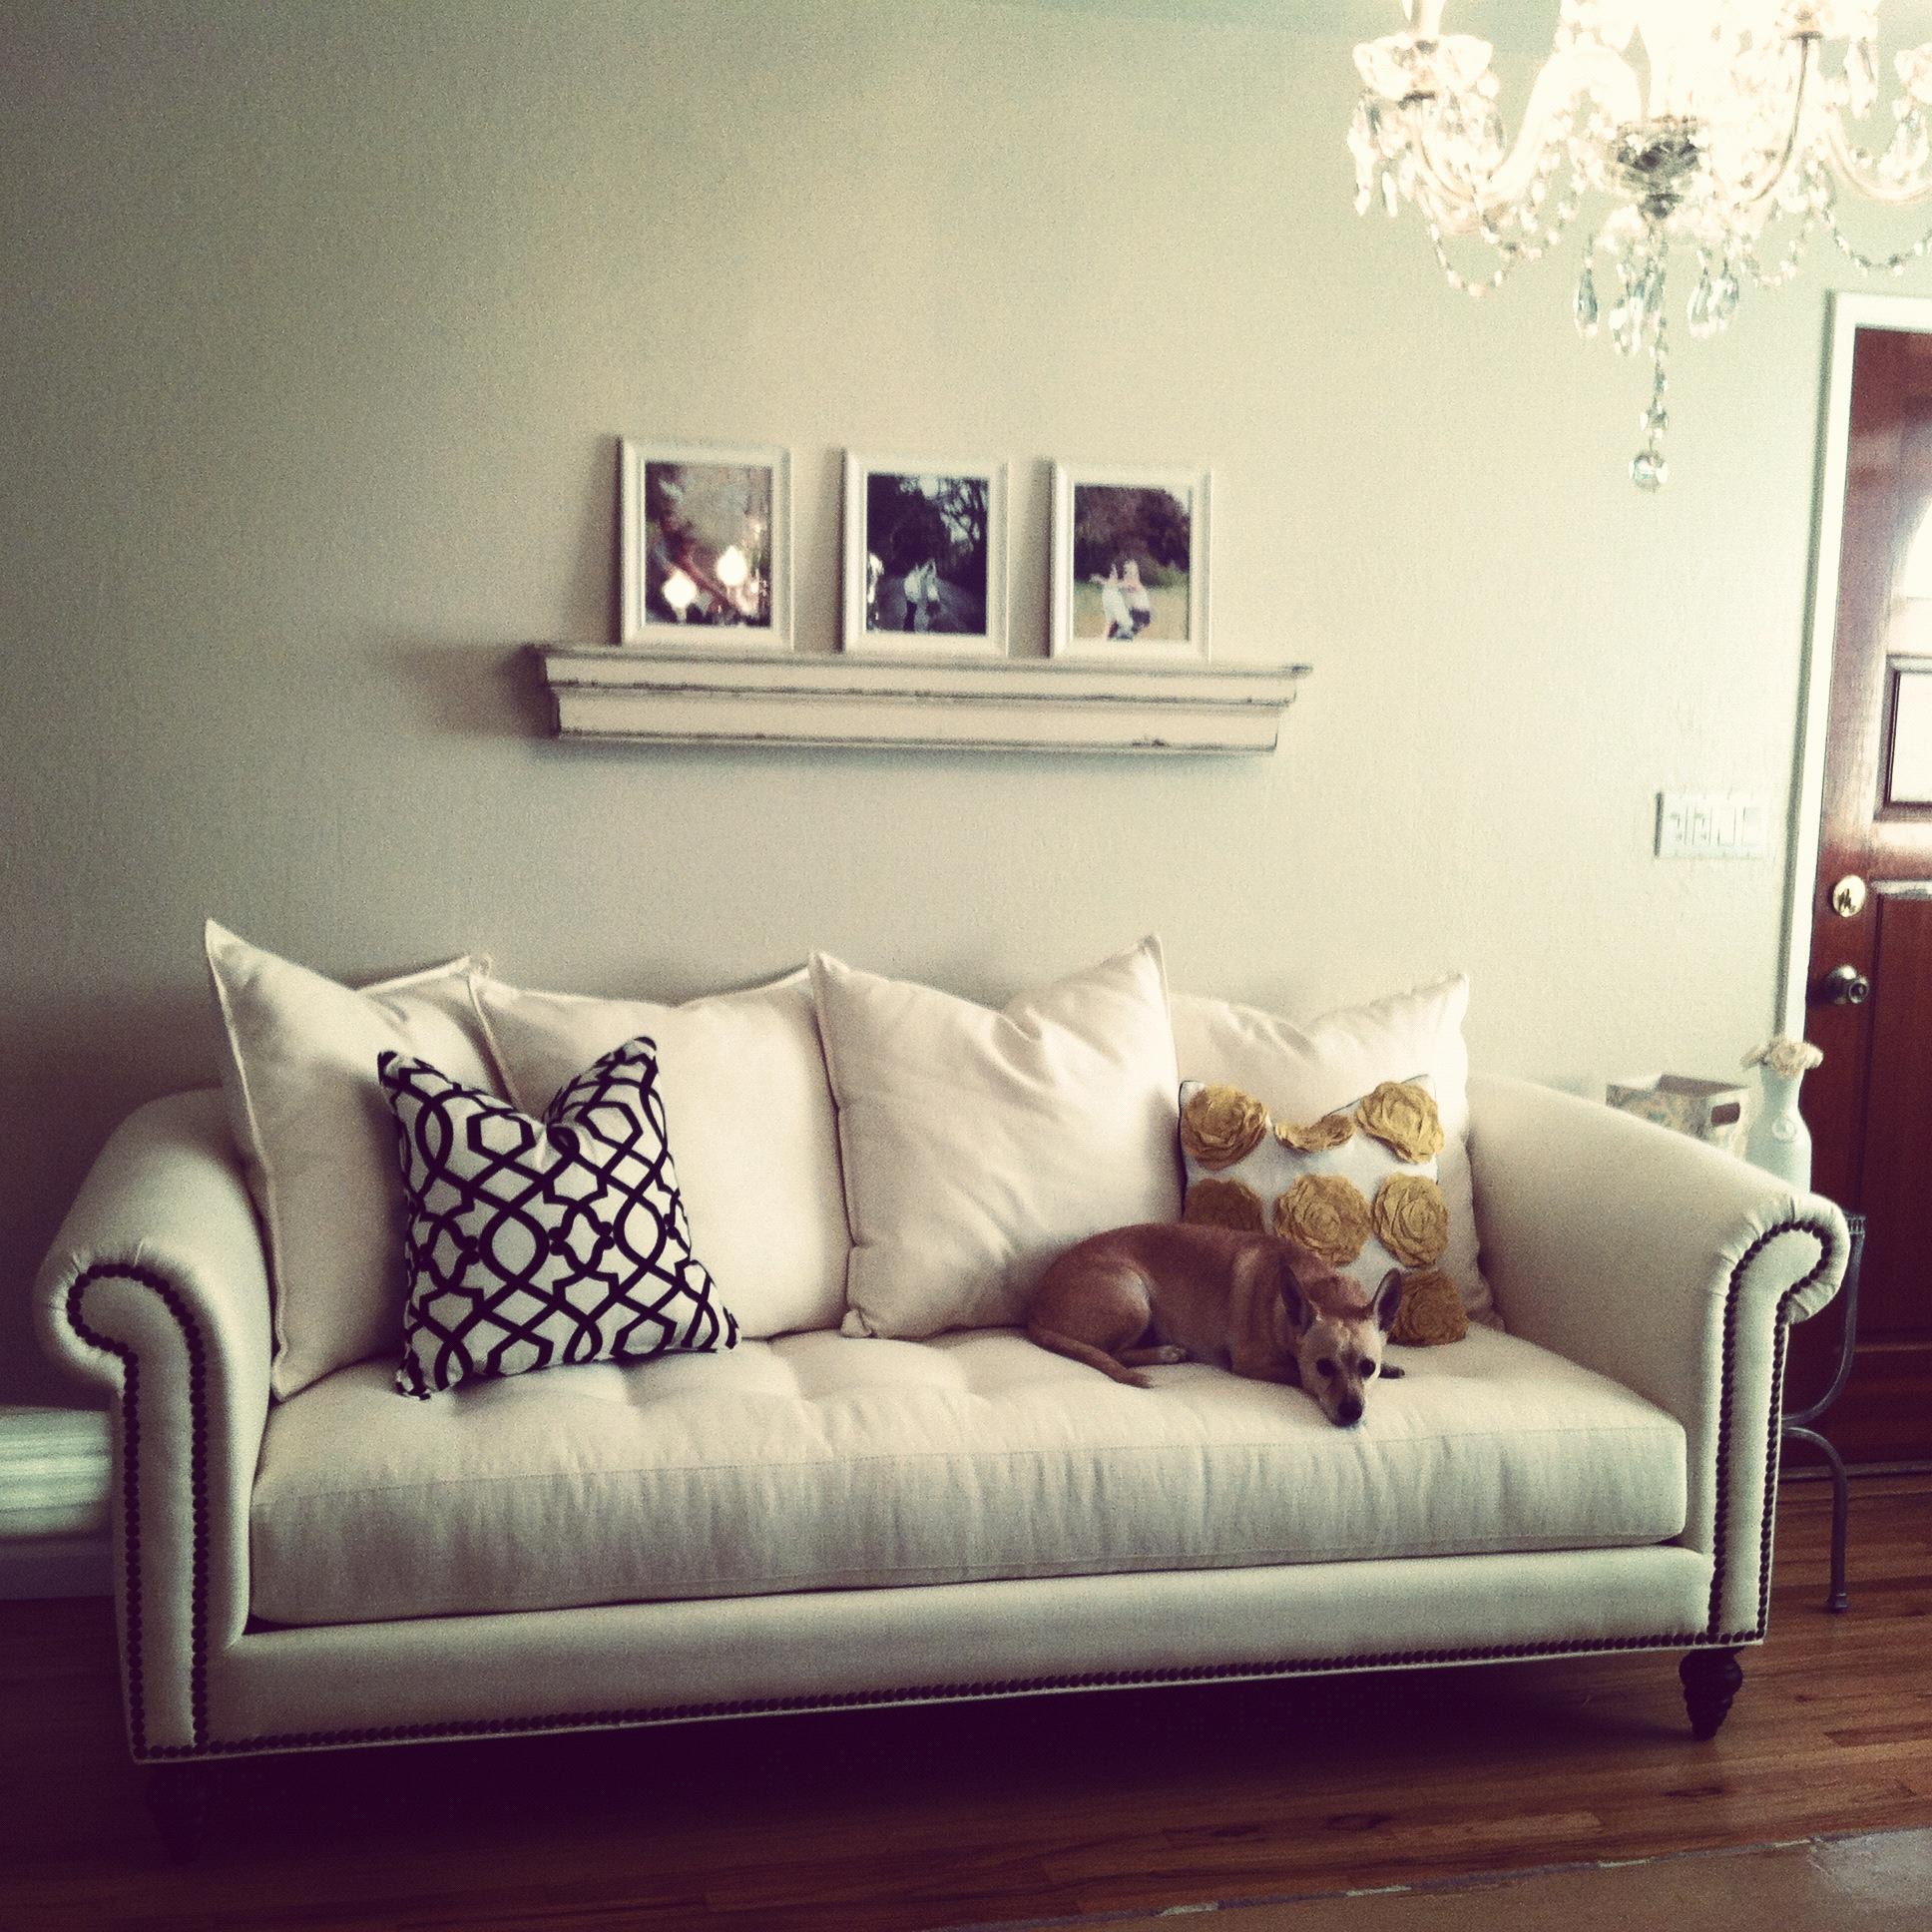 pottery barn rug | House To Home Blog